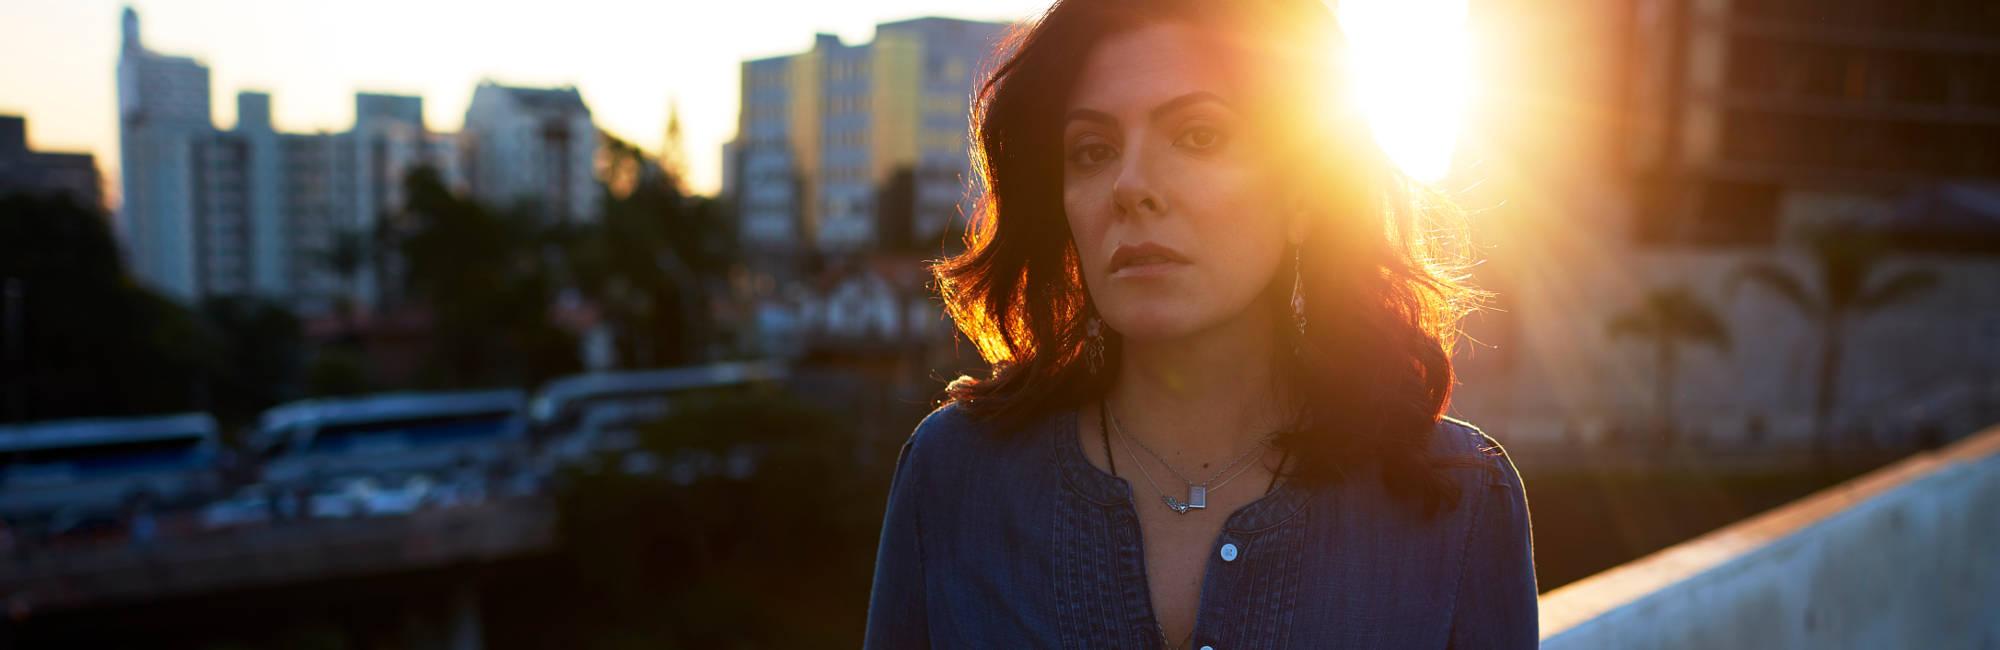 Paula Santisteban apresenta disco de estreia em show; Tiê participa do concerto